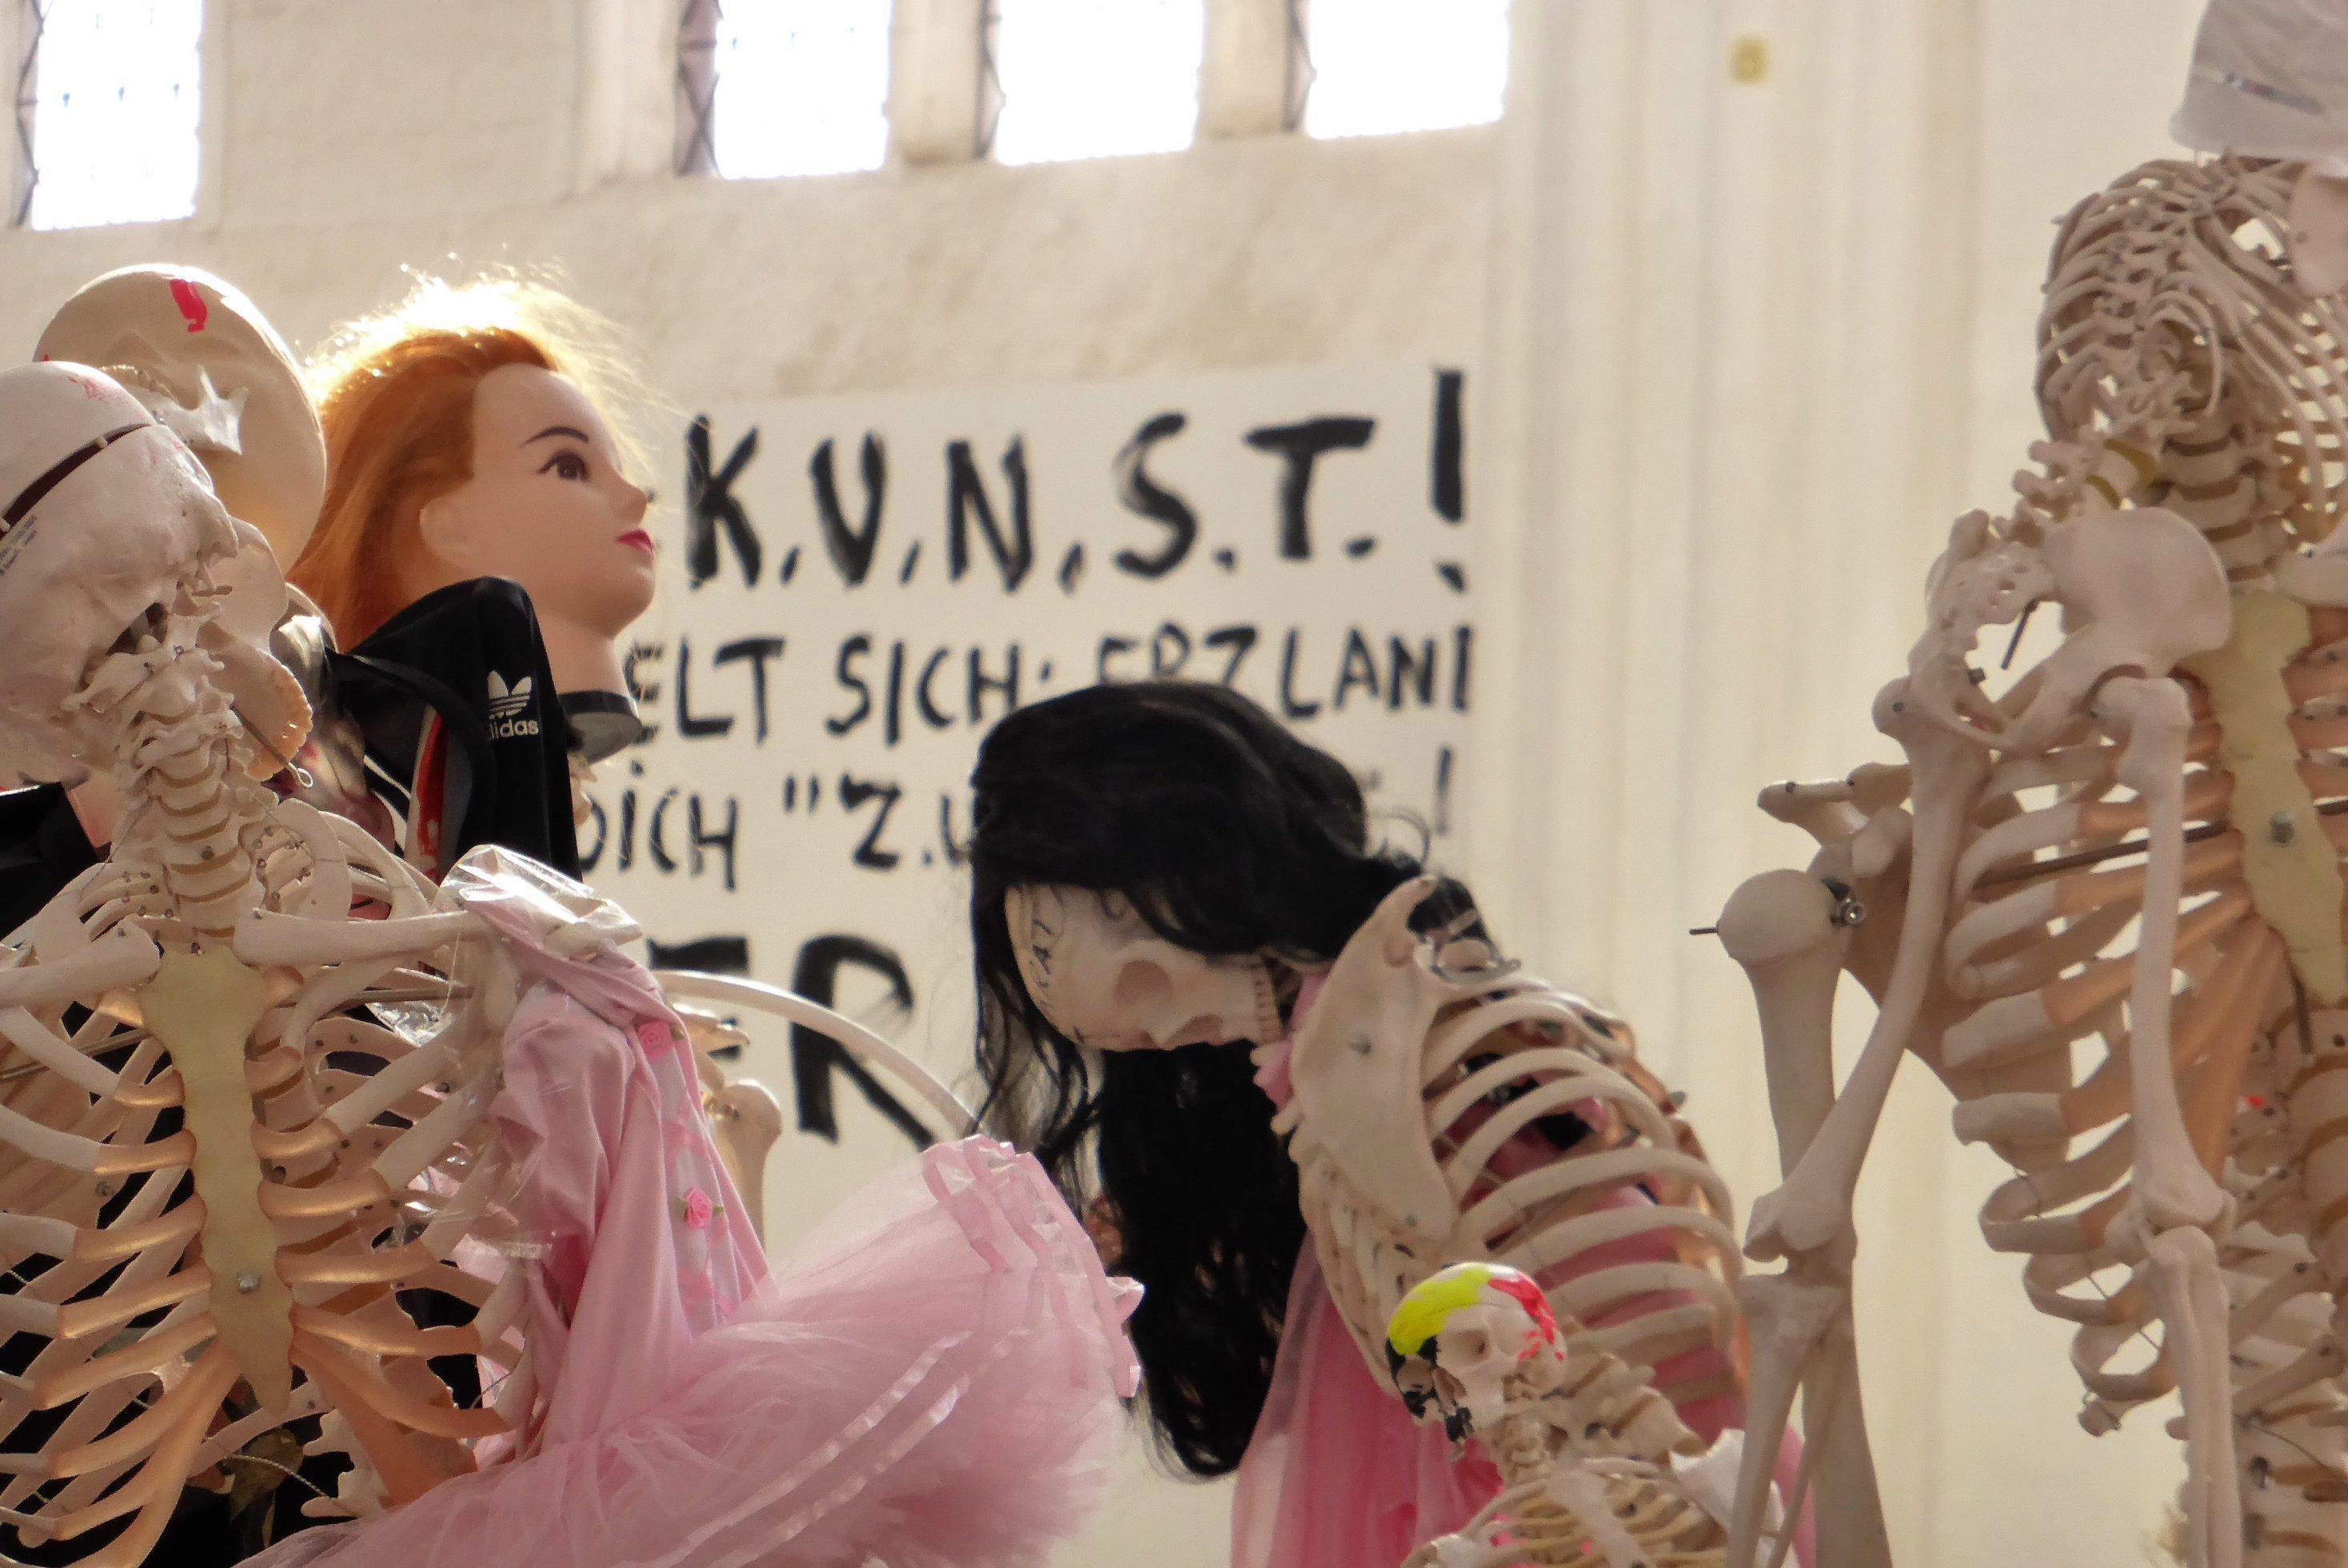 Detail der Meese-Installation: Puppenartig verfremdete Skelette stehen vor einem Wandplakat mit der Aufschrift KUNST!